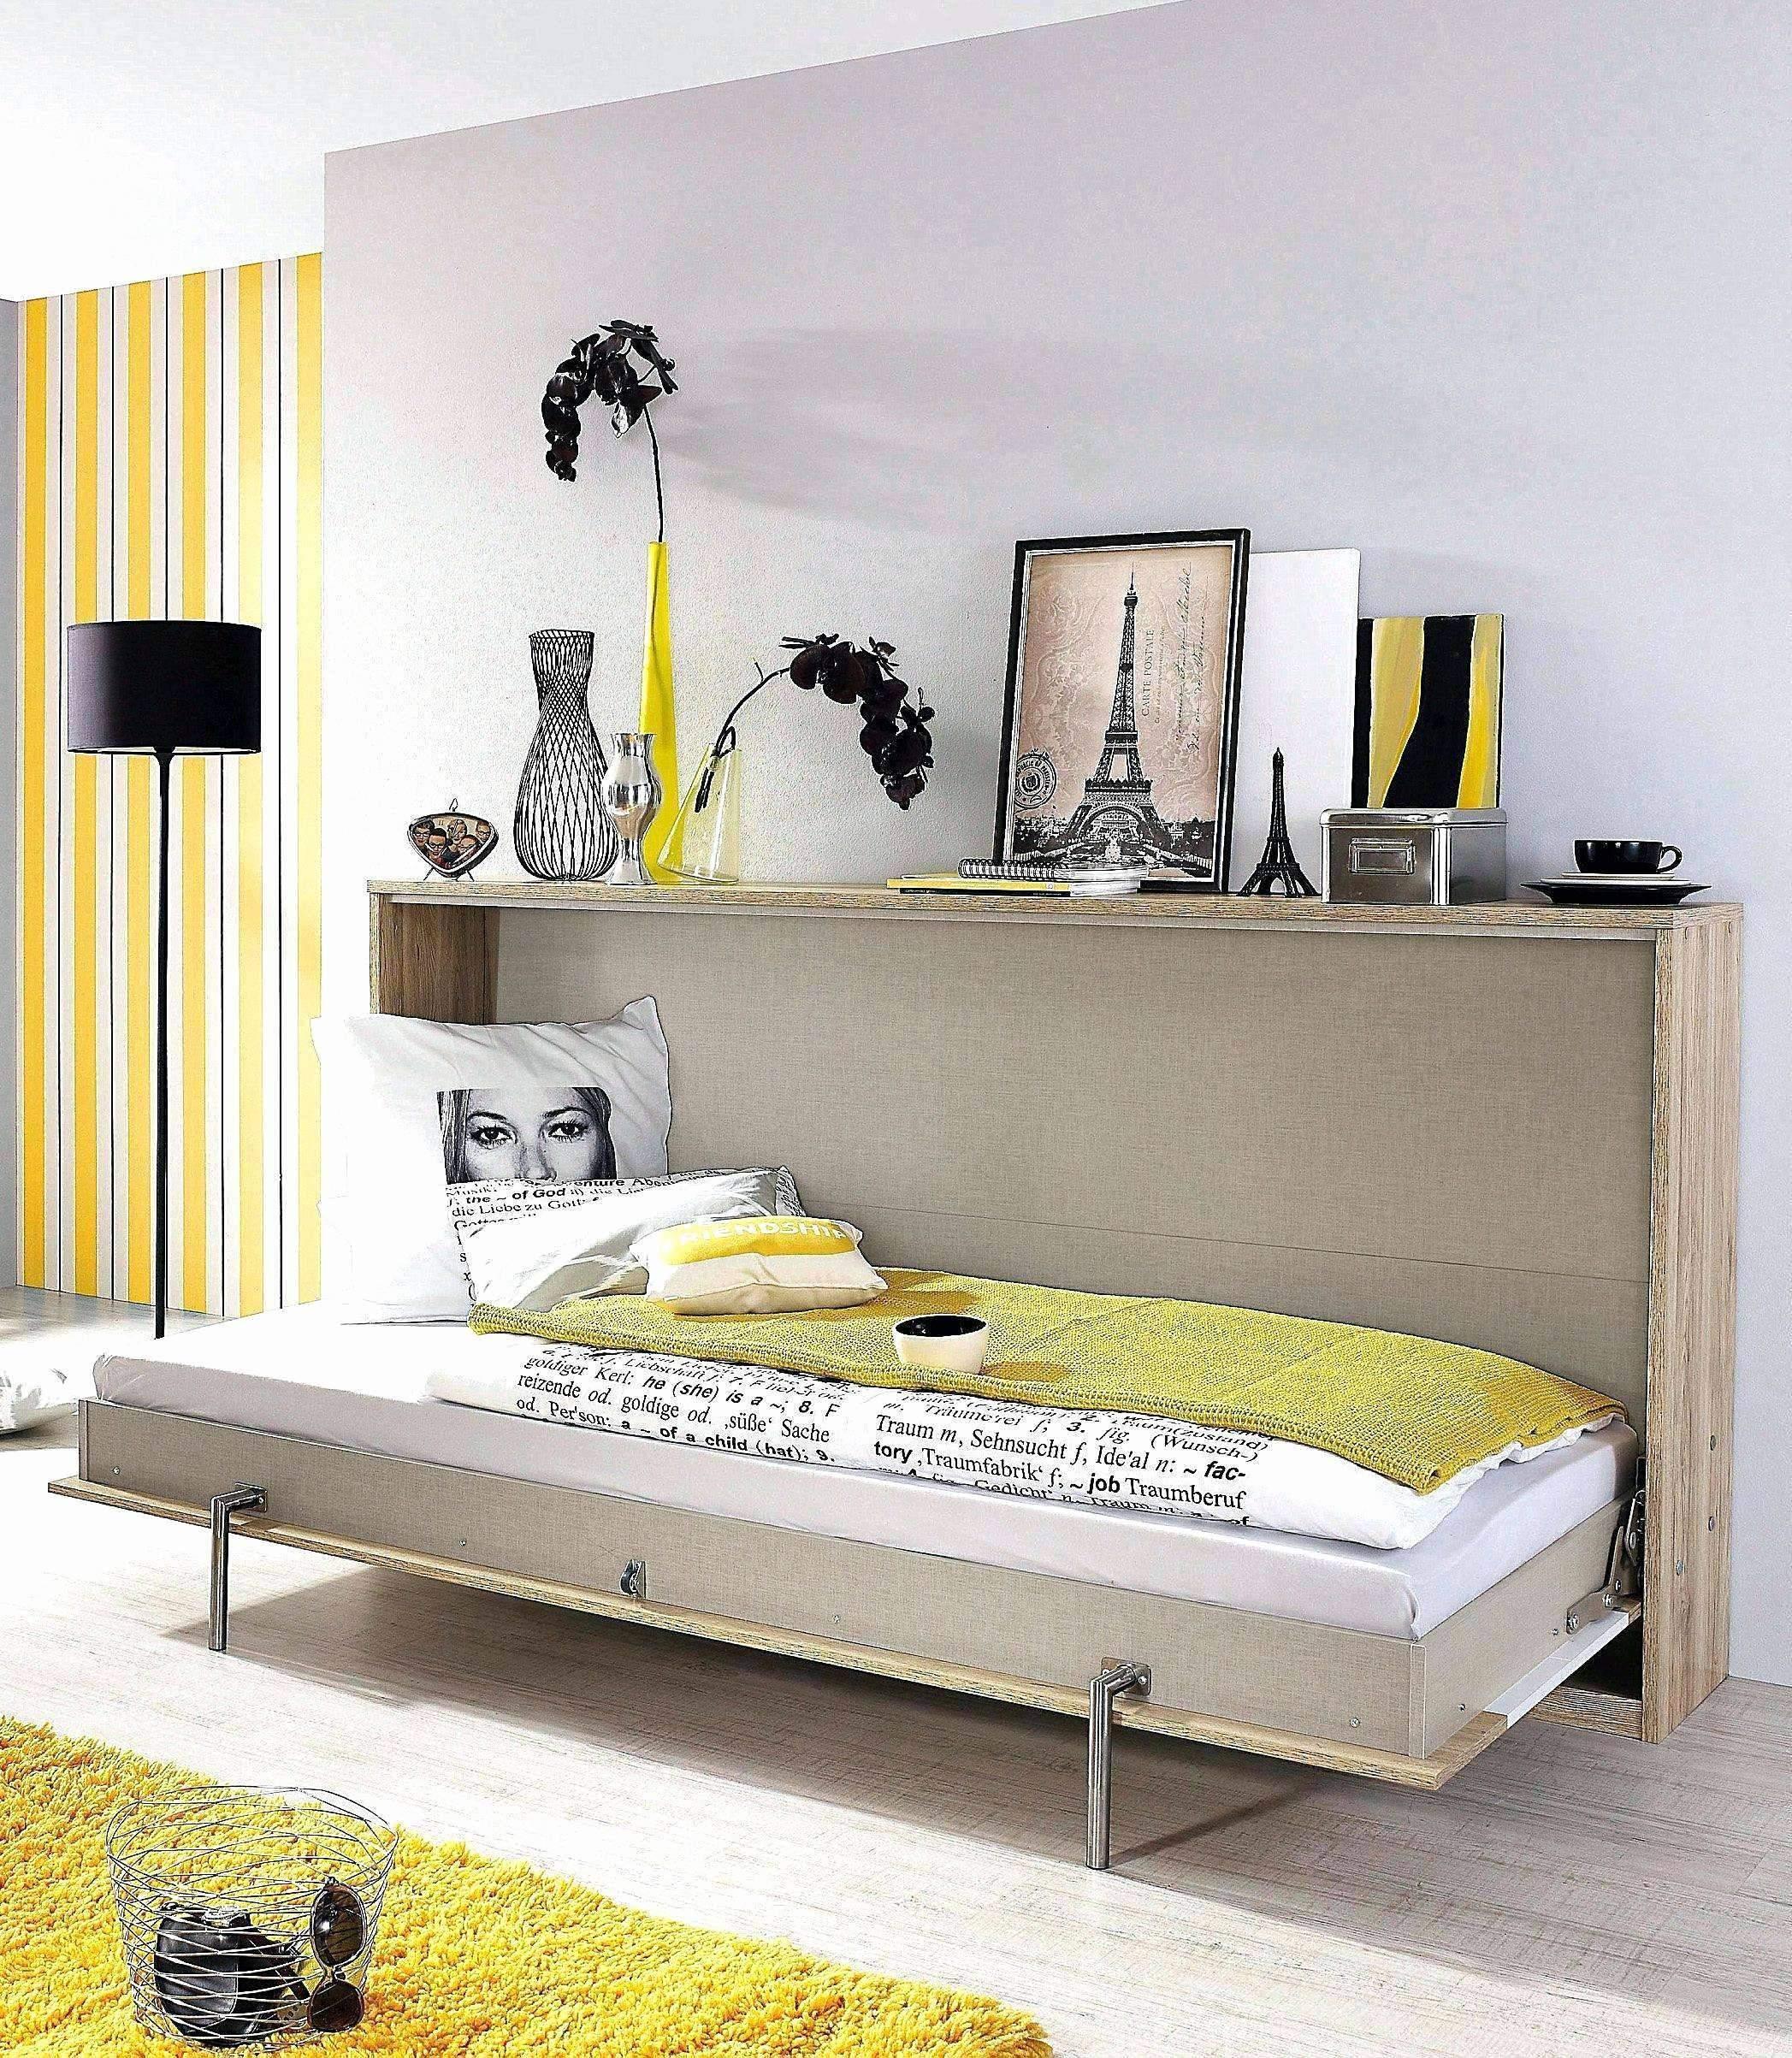 wohnzimmer im landhausstil elegant wohnzimmer ideen landhaus schon of wohnzimmer im landhausstil